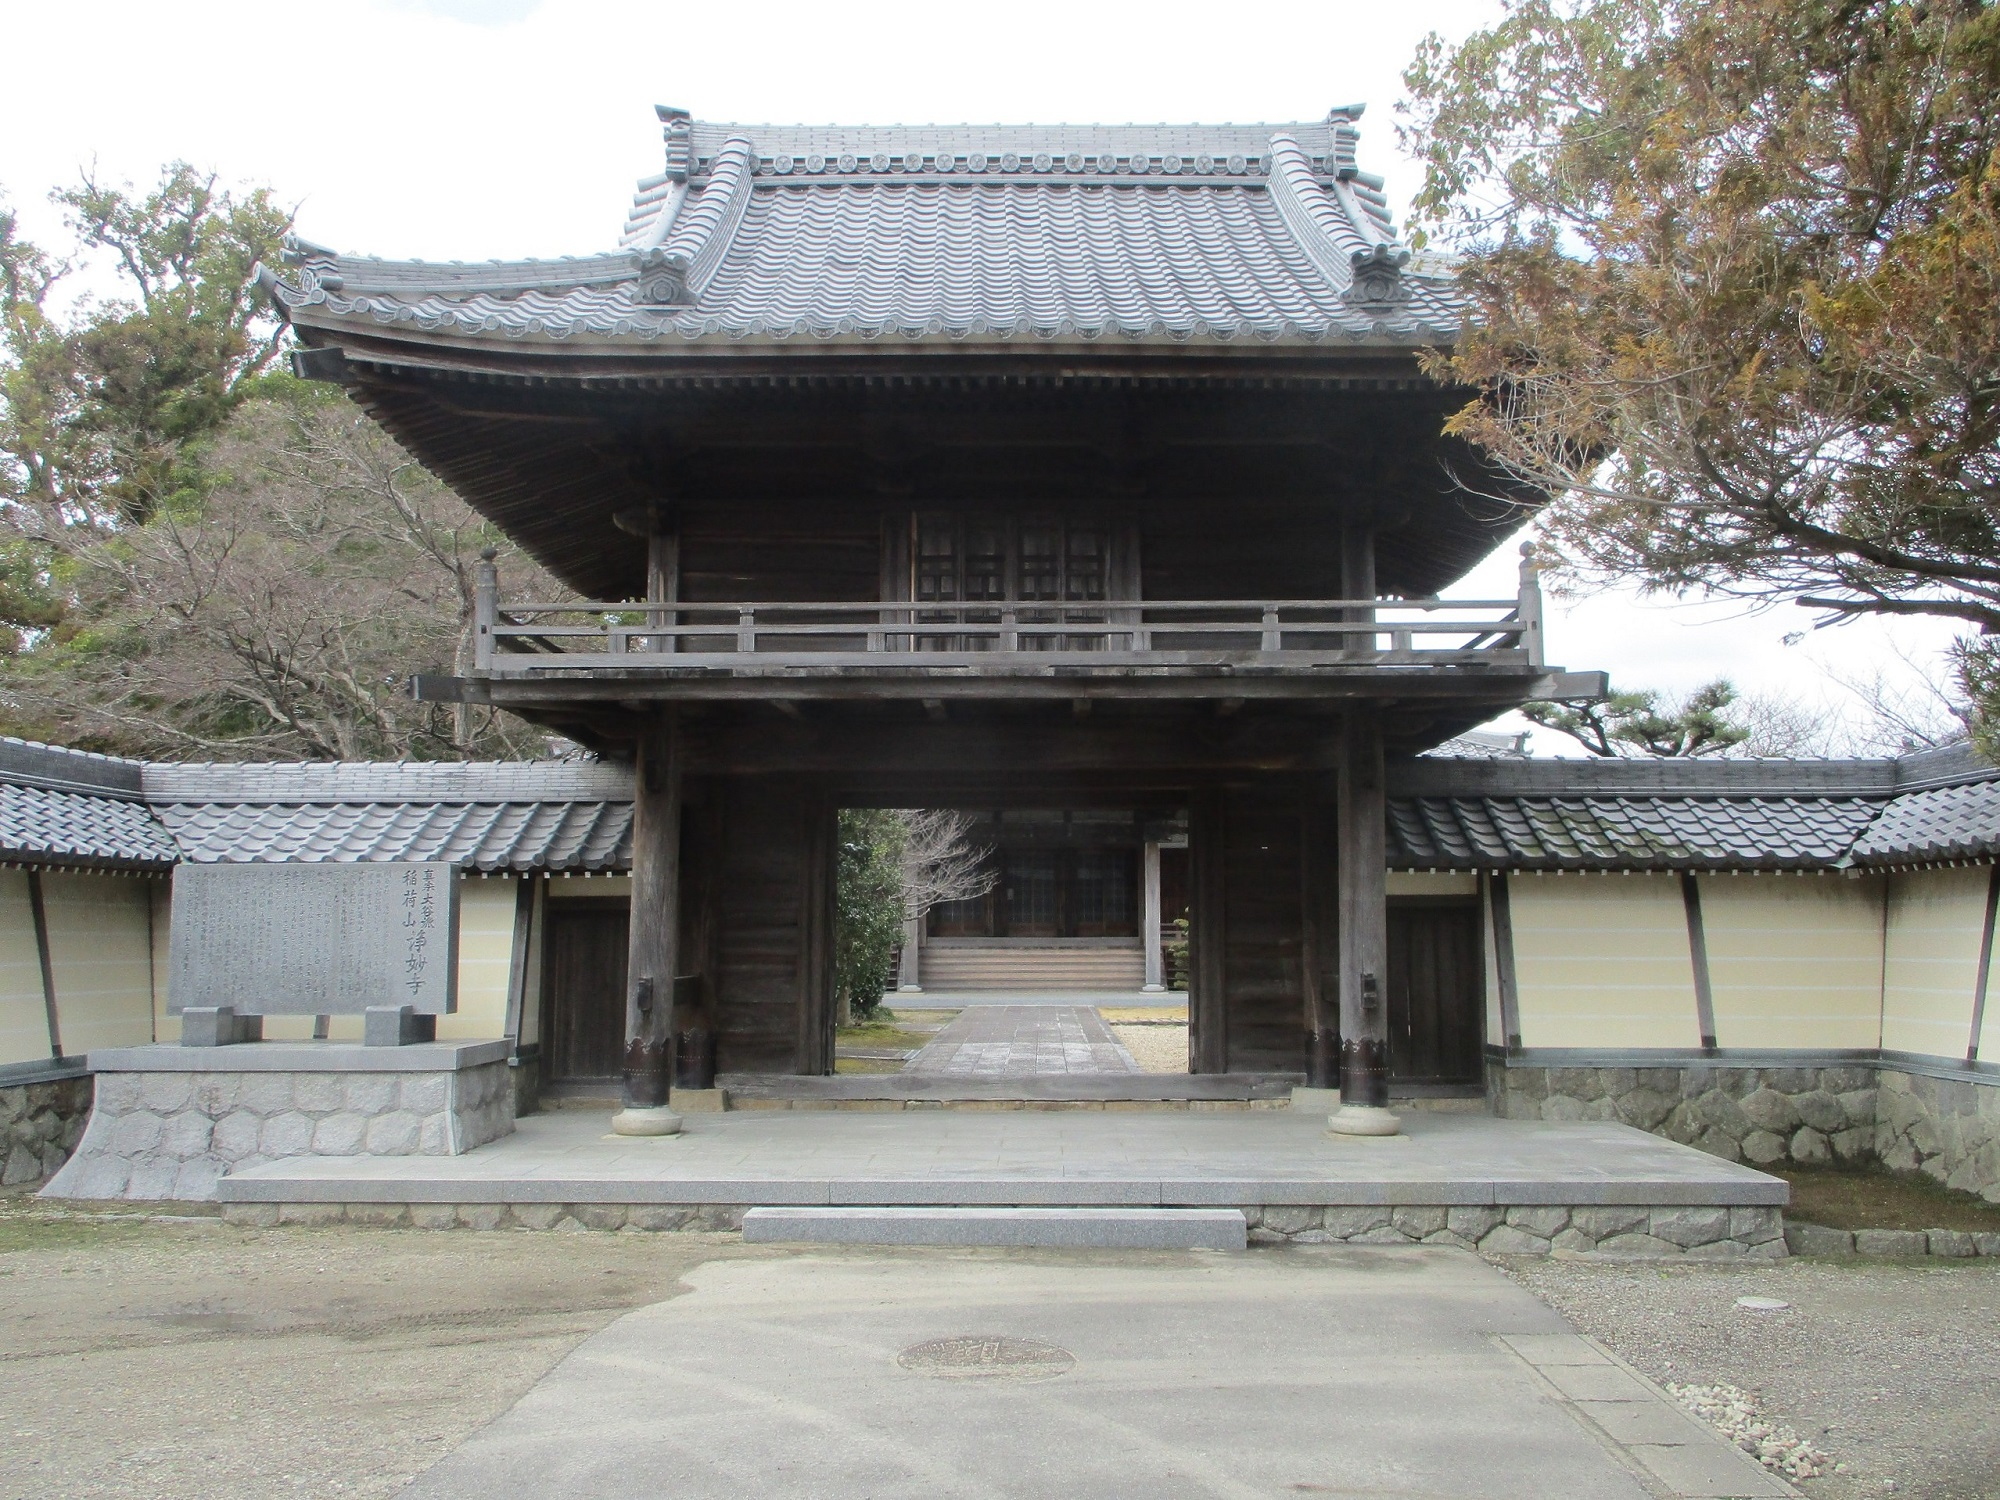 2020.2.26 (32) 浄妙寺 - 山門 2000-1500